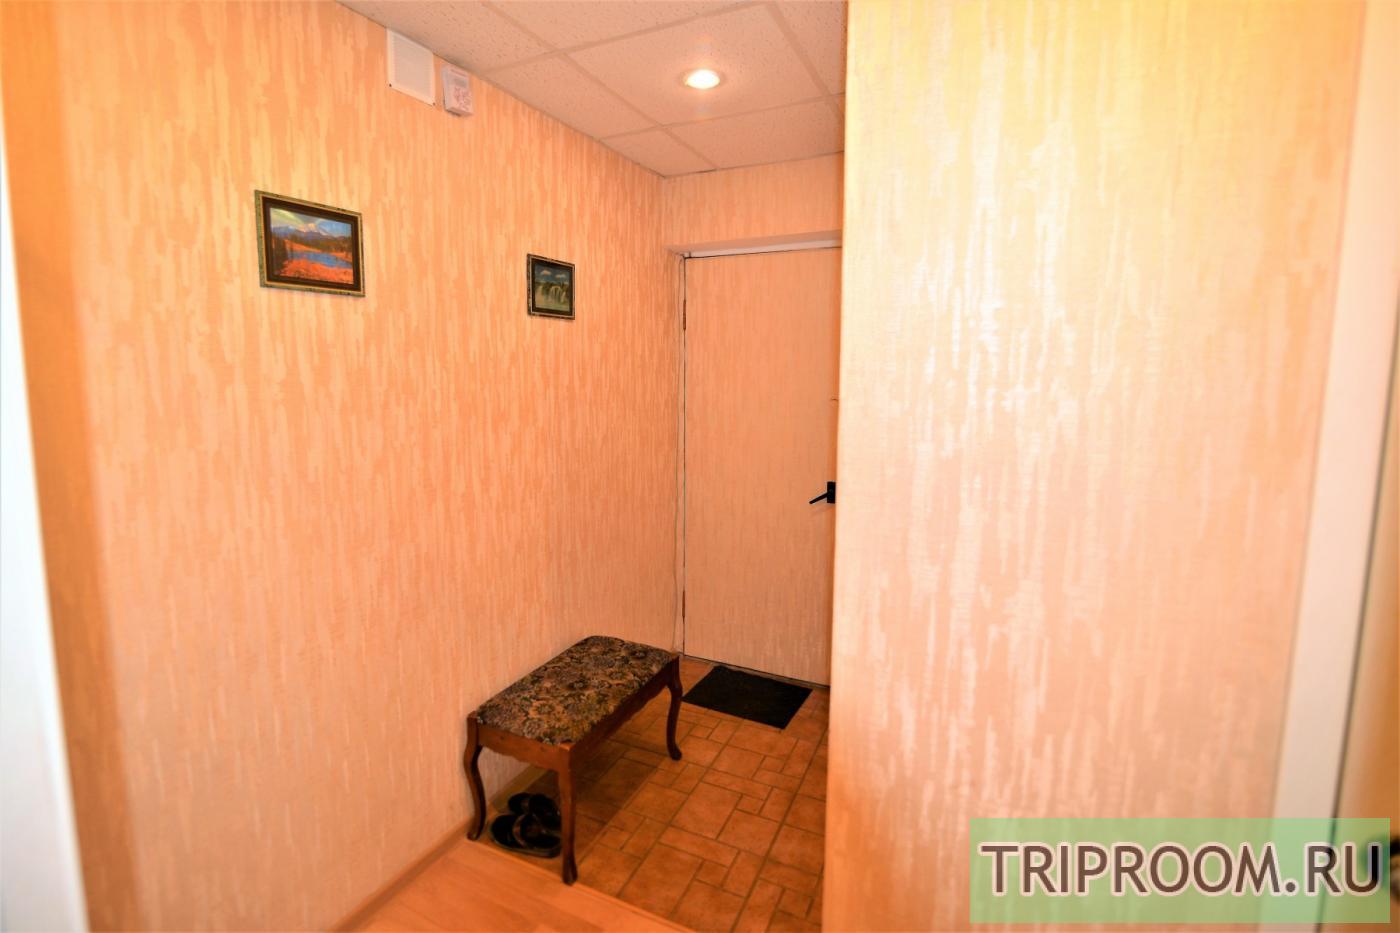 1-комнатная квартира посуточно (вариант № 2140), ул. Фридриха Энгельса улица, фото № 4